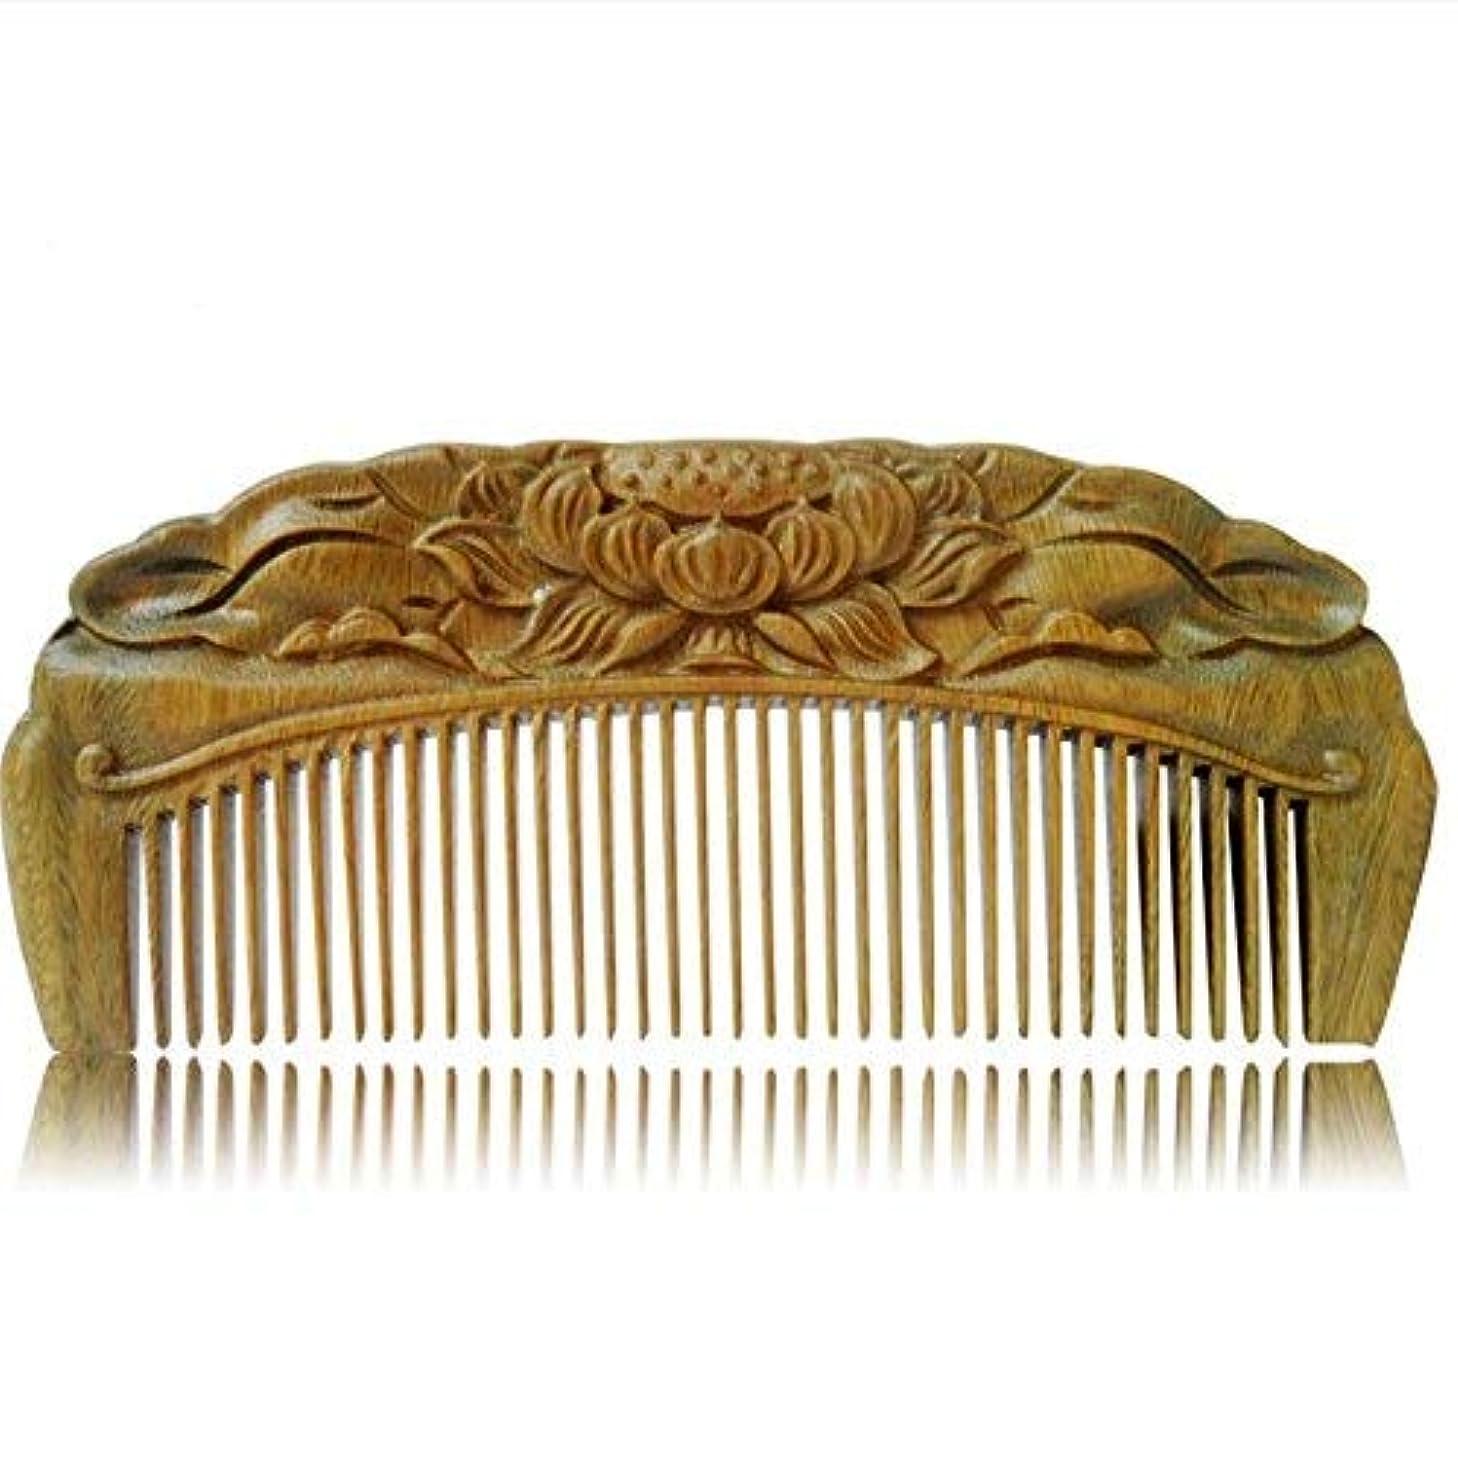 学んだいろいろ魔女Handmade Carved Natural Sandalwood Hair Comb - Anti-static Sandalwood Hair Comb Beard Brush Rake Comb Handmade...